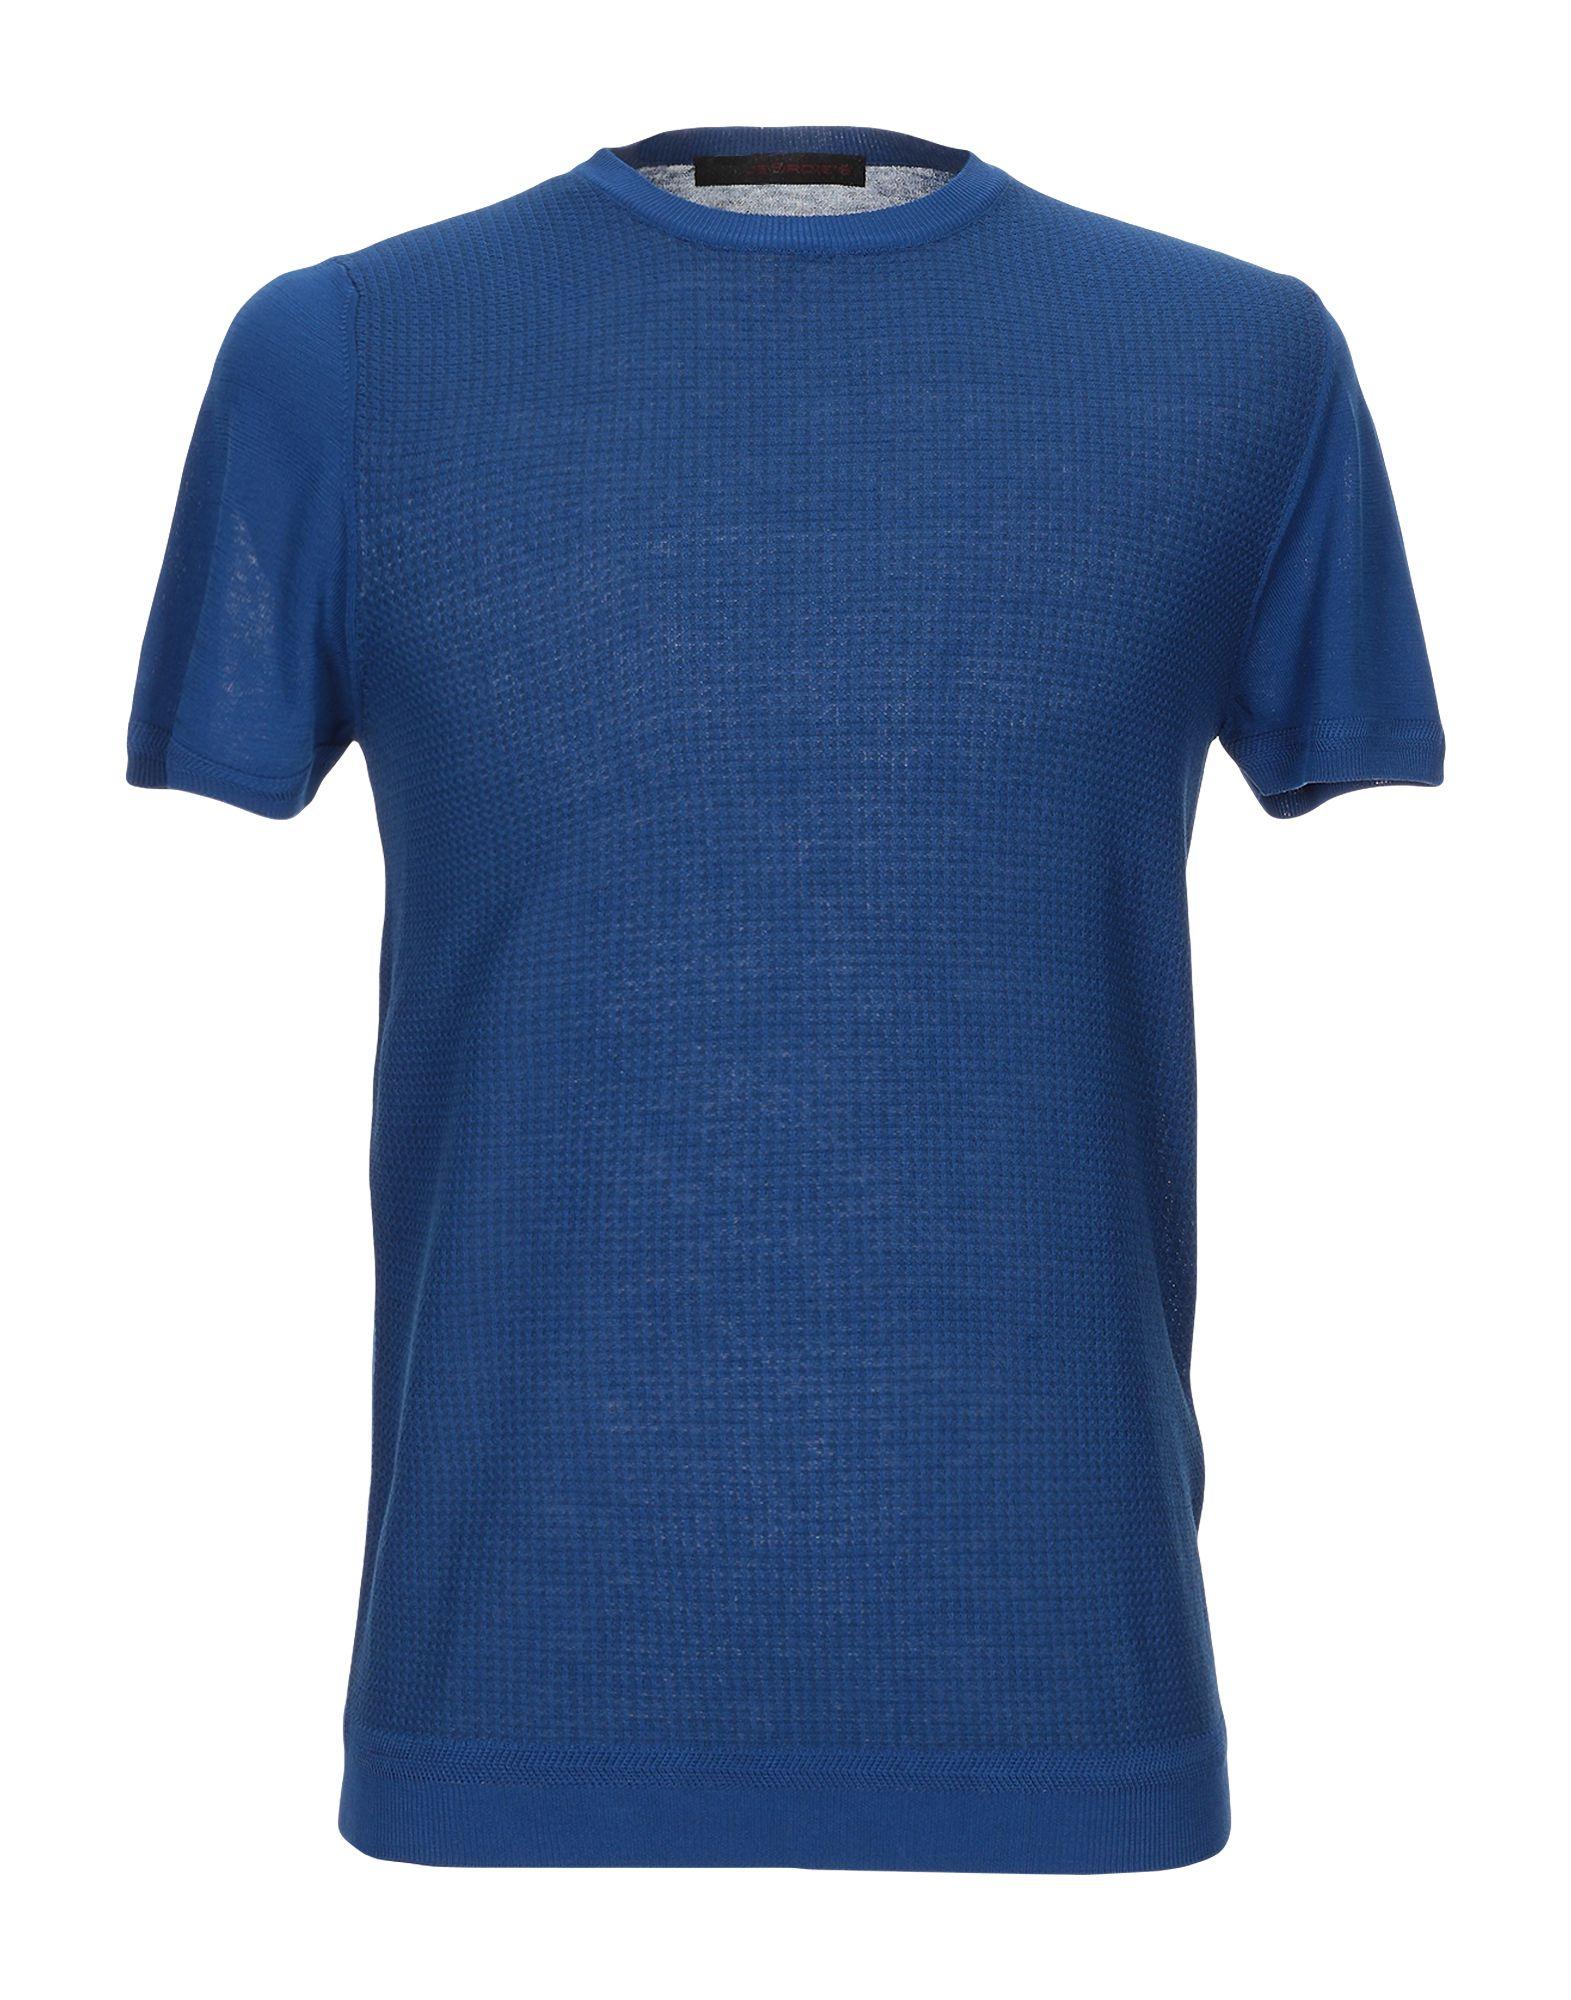 《セール開催中》JEORDIE'S メンズ プルオーバー ブルー L コットン 100%